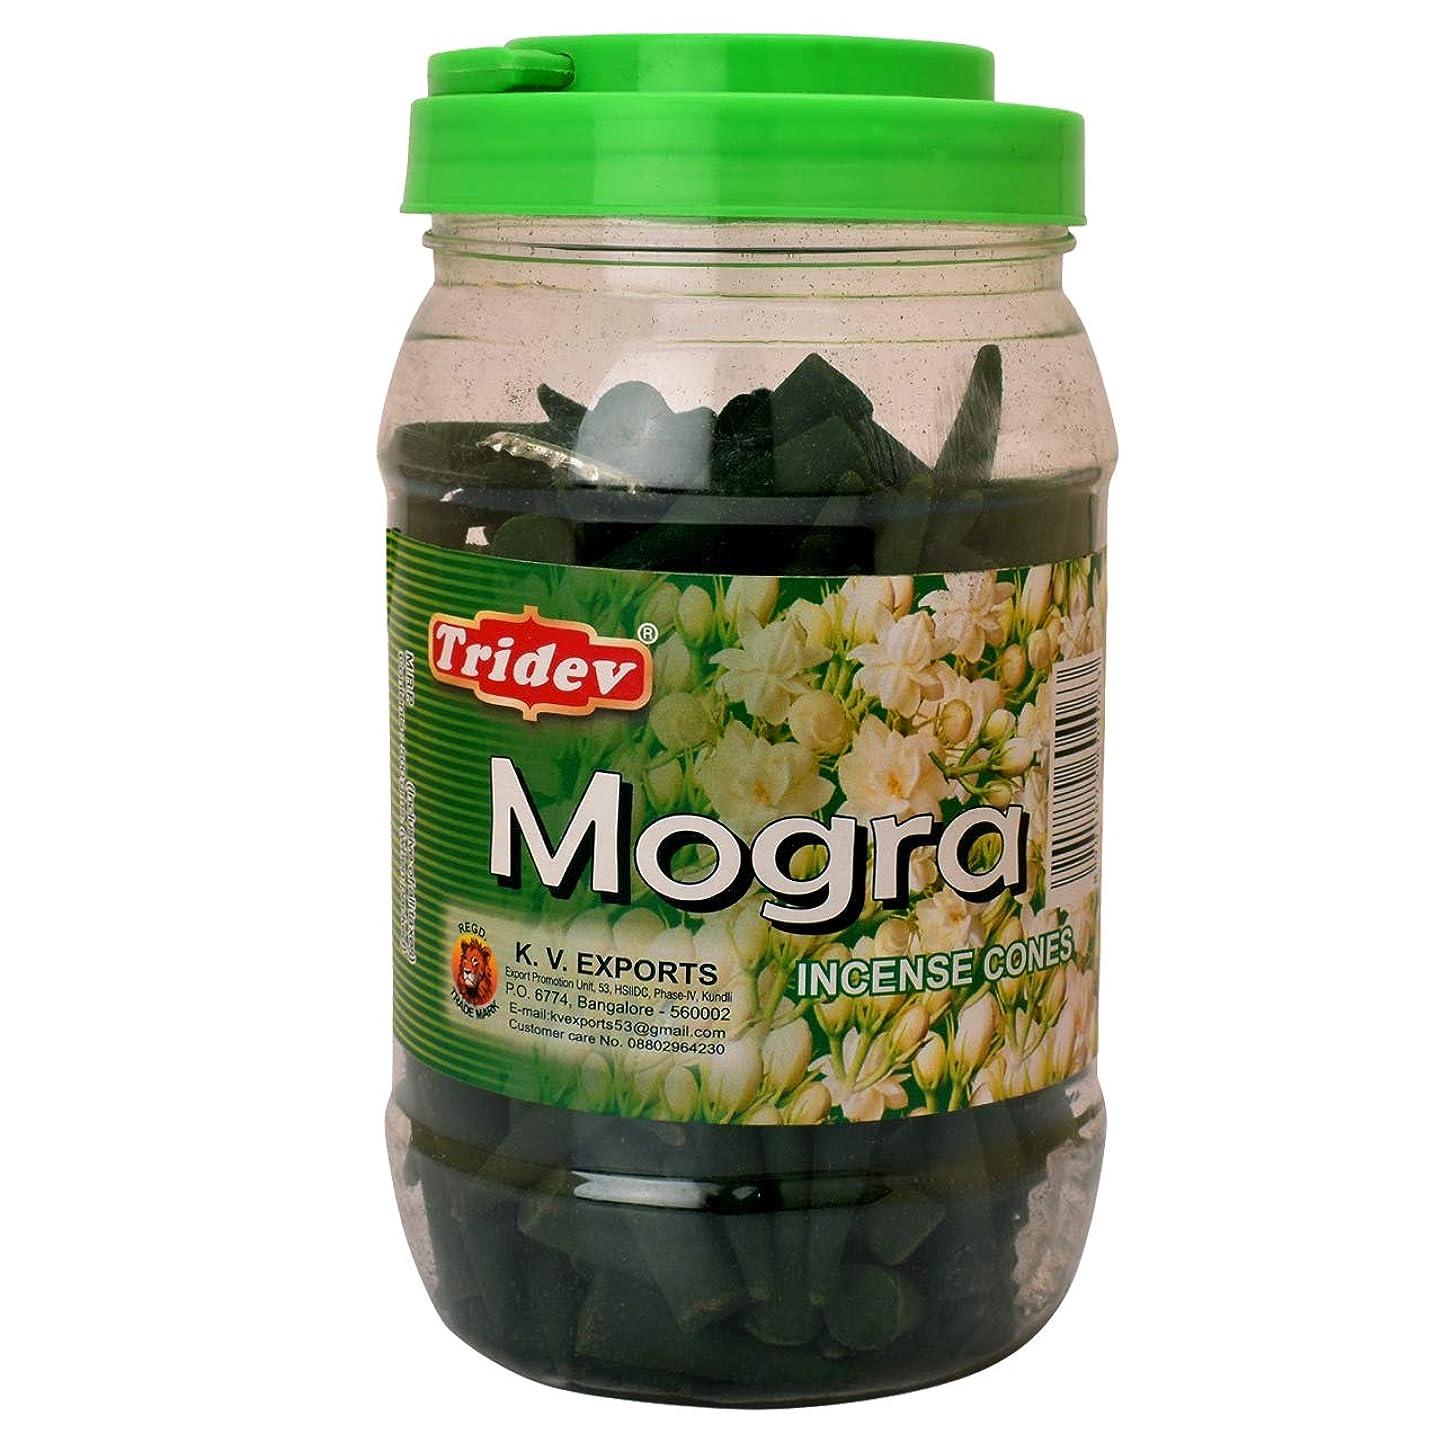 海峡アンソロジー運動するTridev Mogra フレグランス コーン型お香 500グラム 瓶 輸出品質